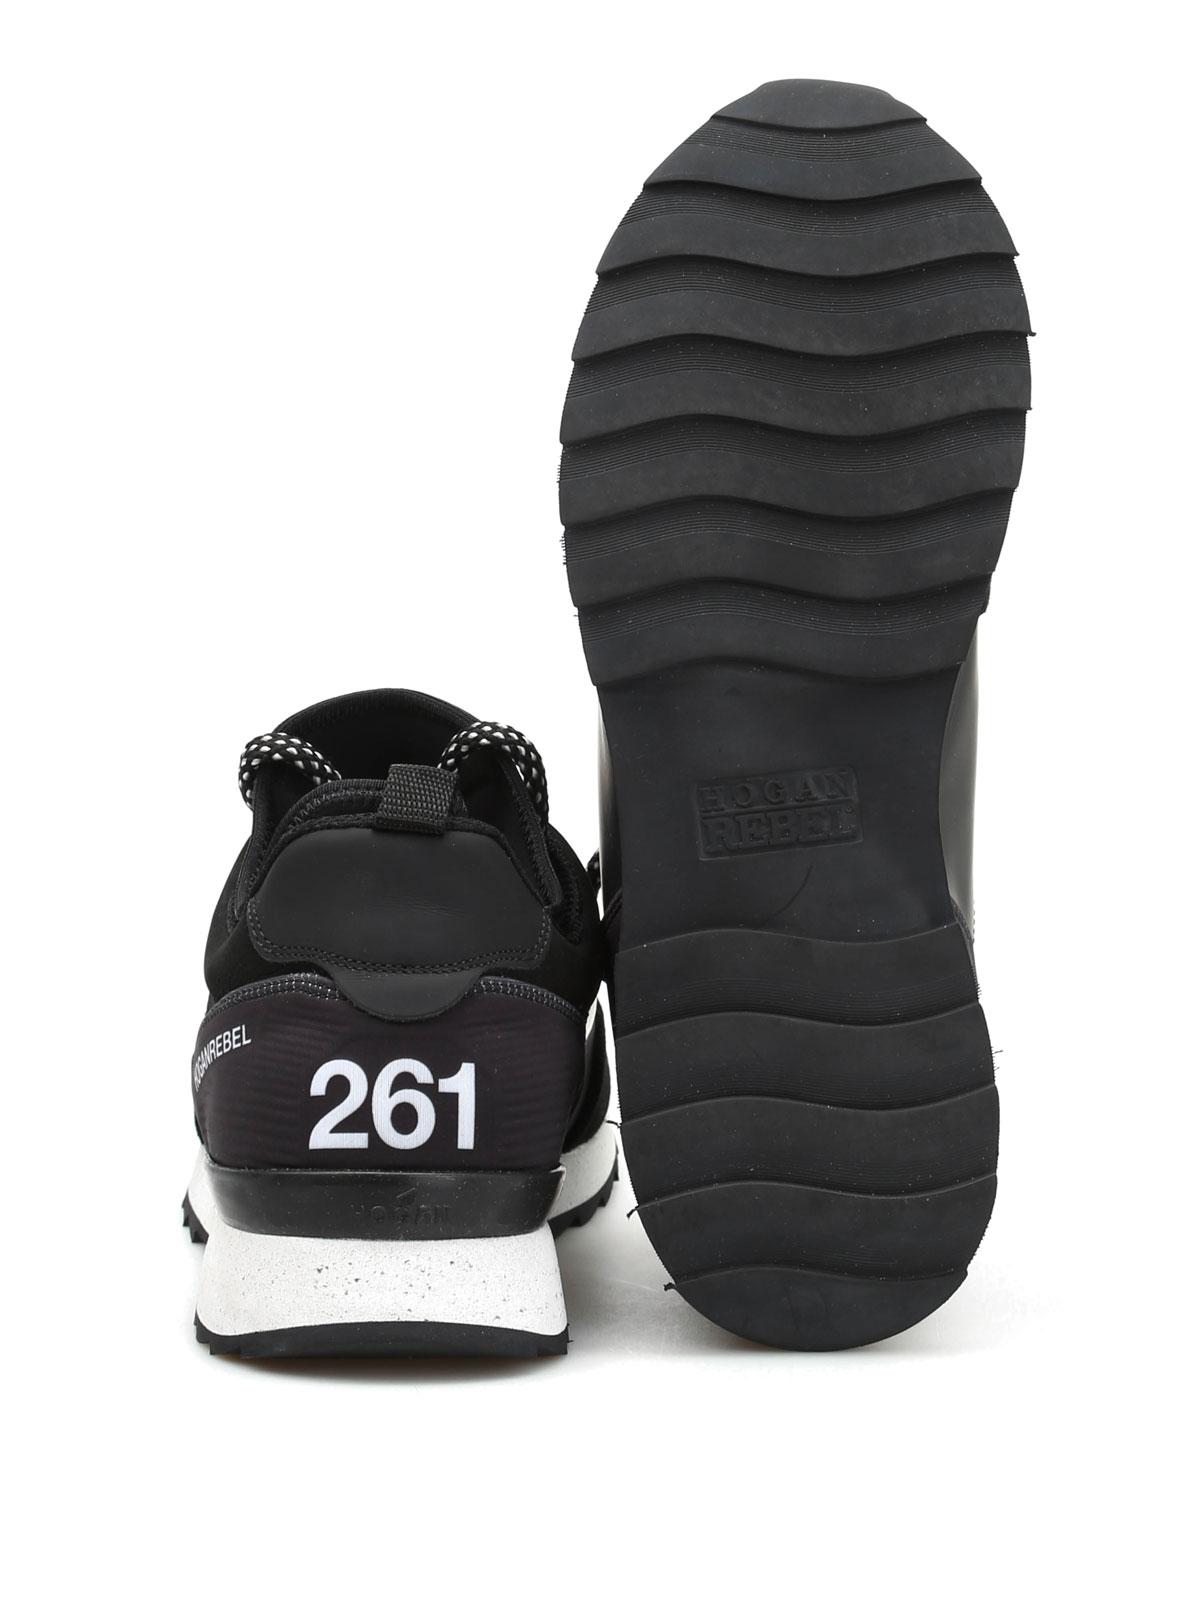 Hogan Rebel - Running R261 in multitessuto - sneakers - HXM2610V420 ... d9df44e74e7